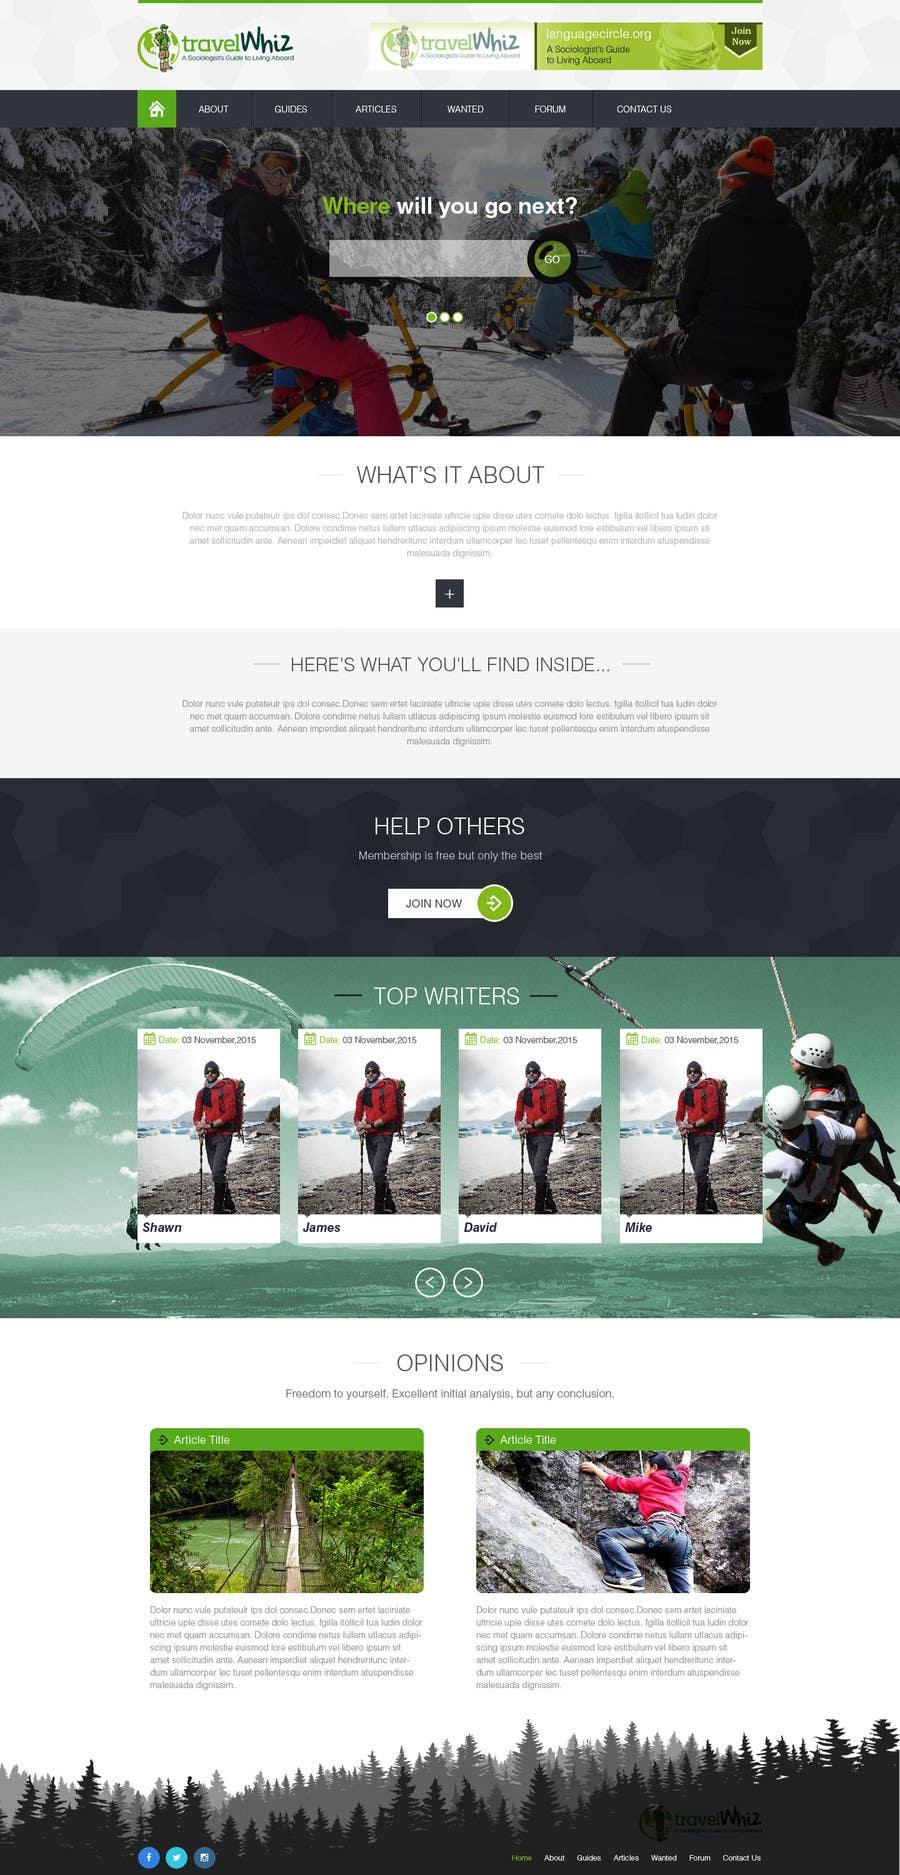 Konkurrenceindlæg #                                        5                                      for                                         Design a Website Mockup for TW